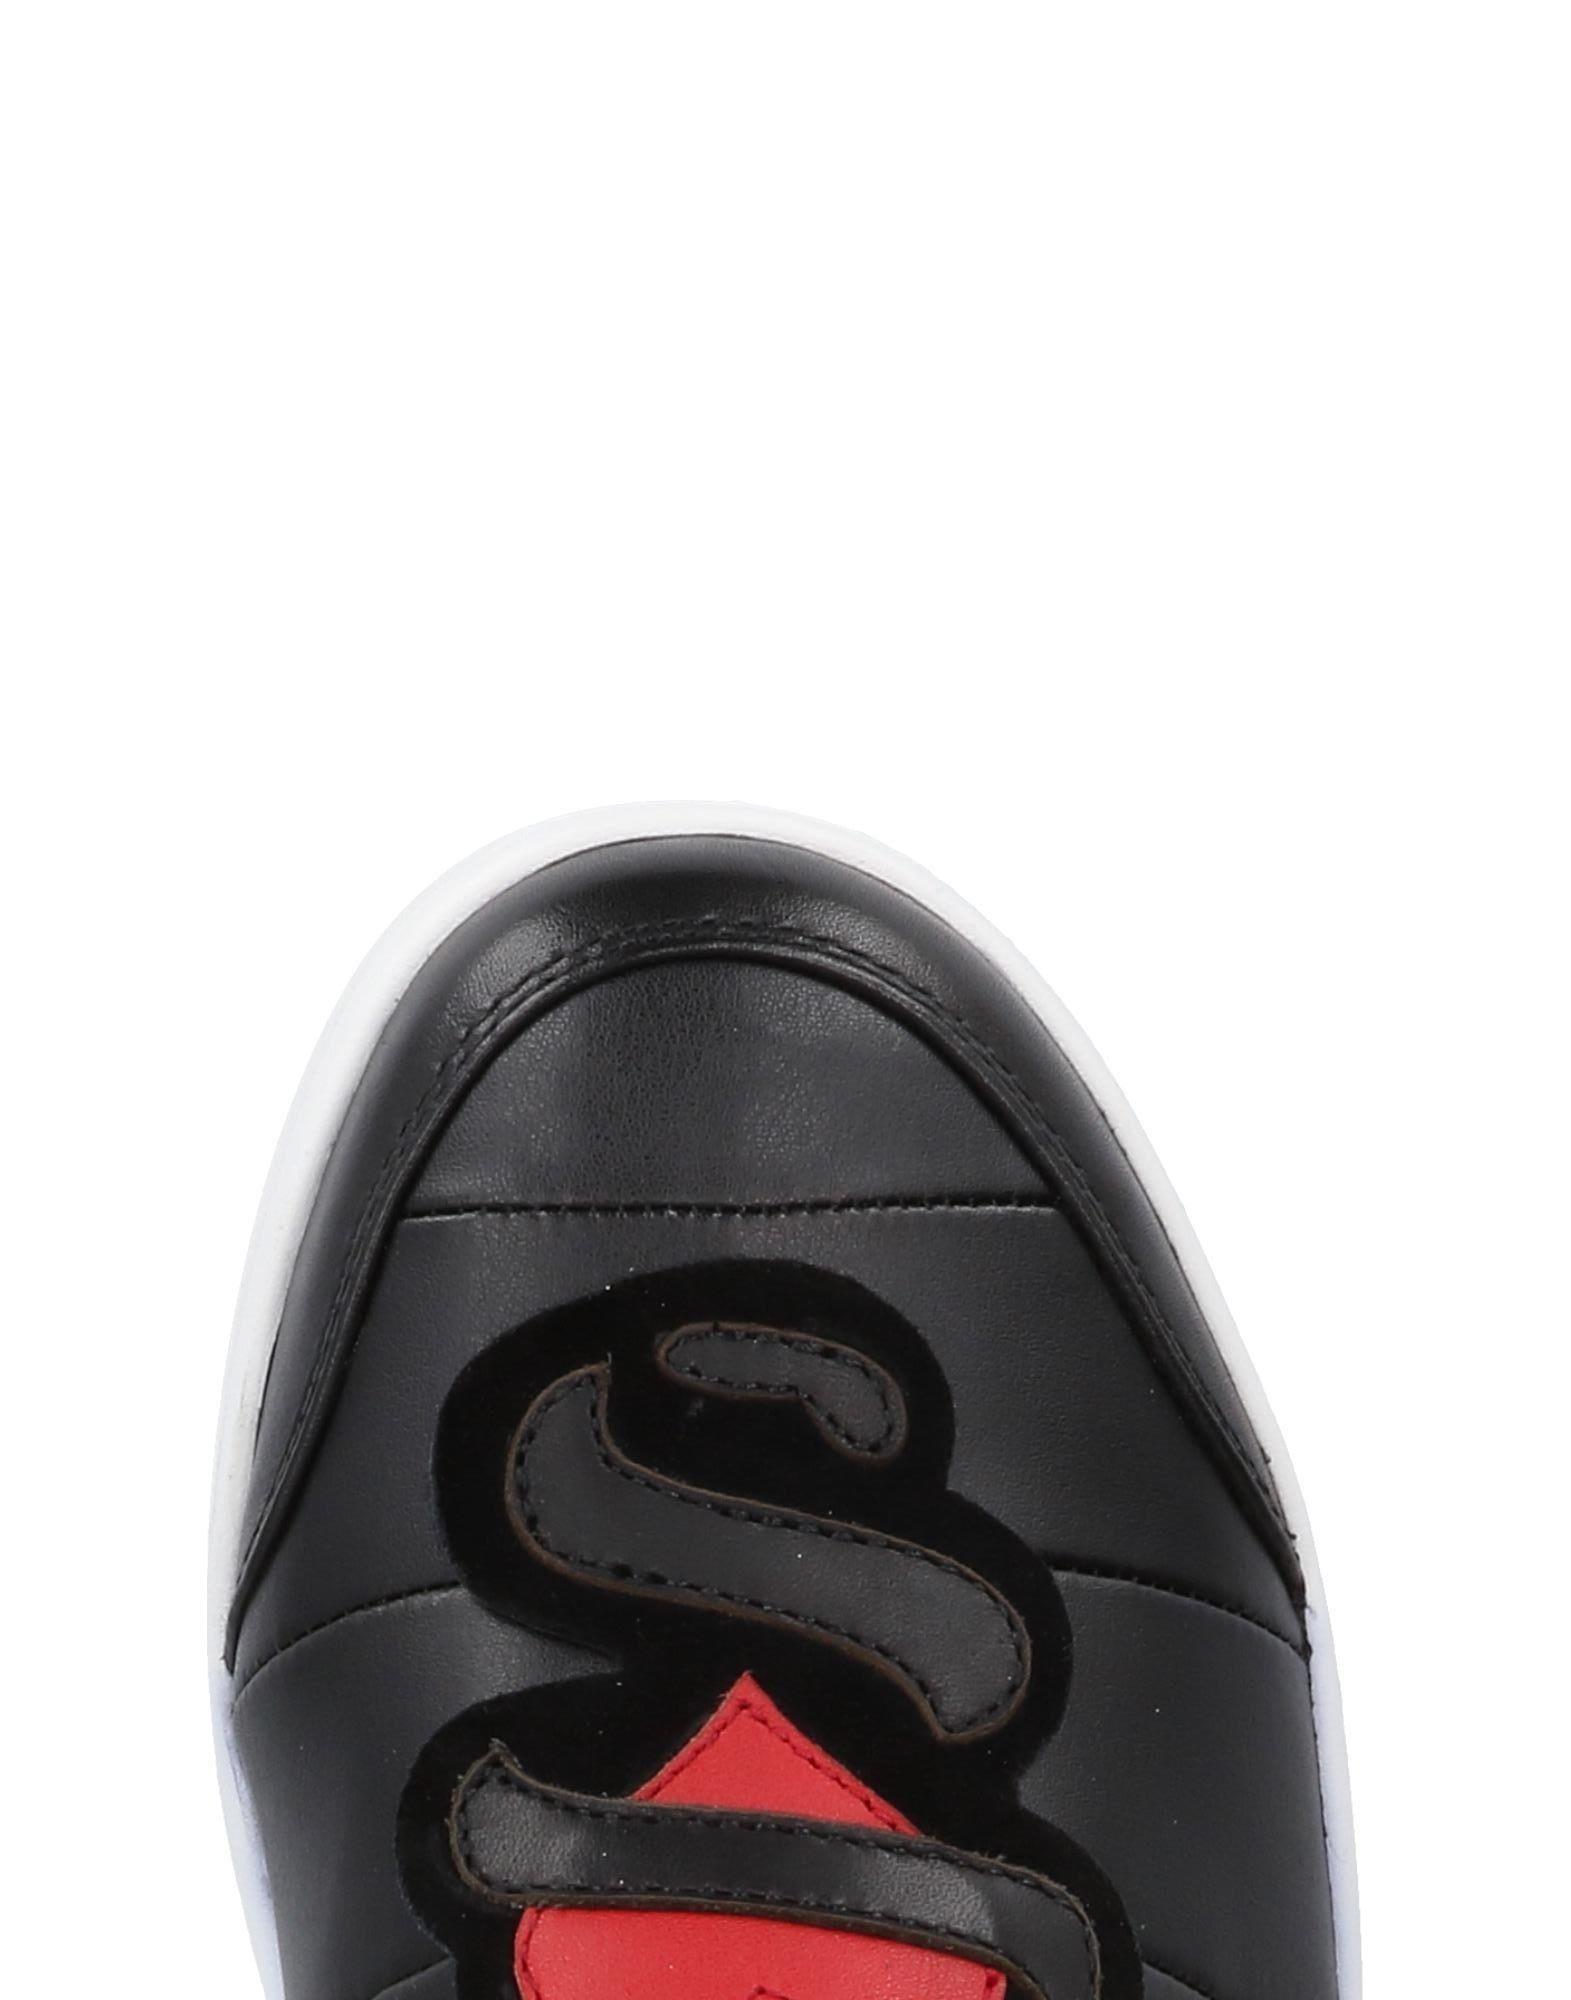 Clone Sneakers Damen  Schuhe 11458411HL Gute Qualität beliebte Schuhe  316aeb